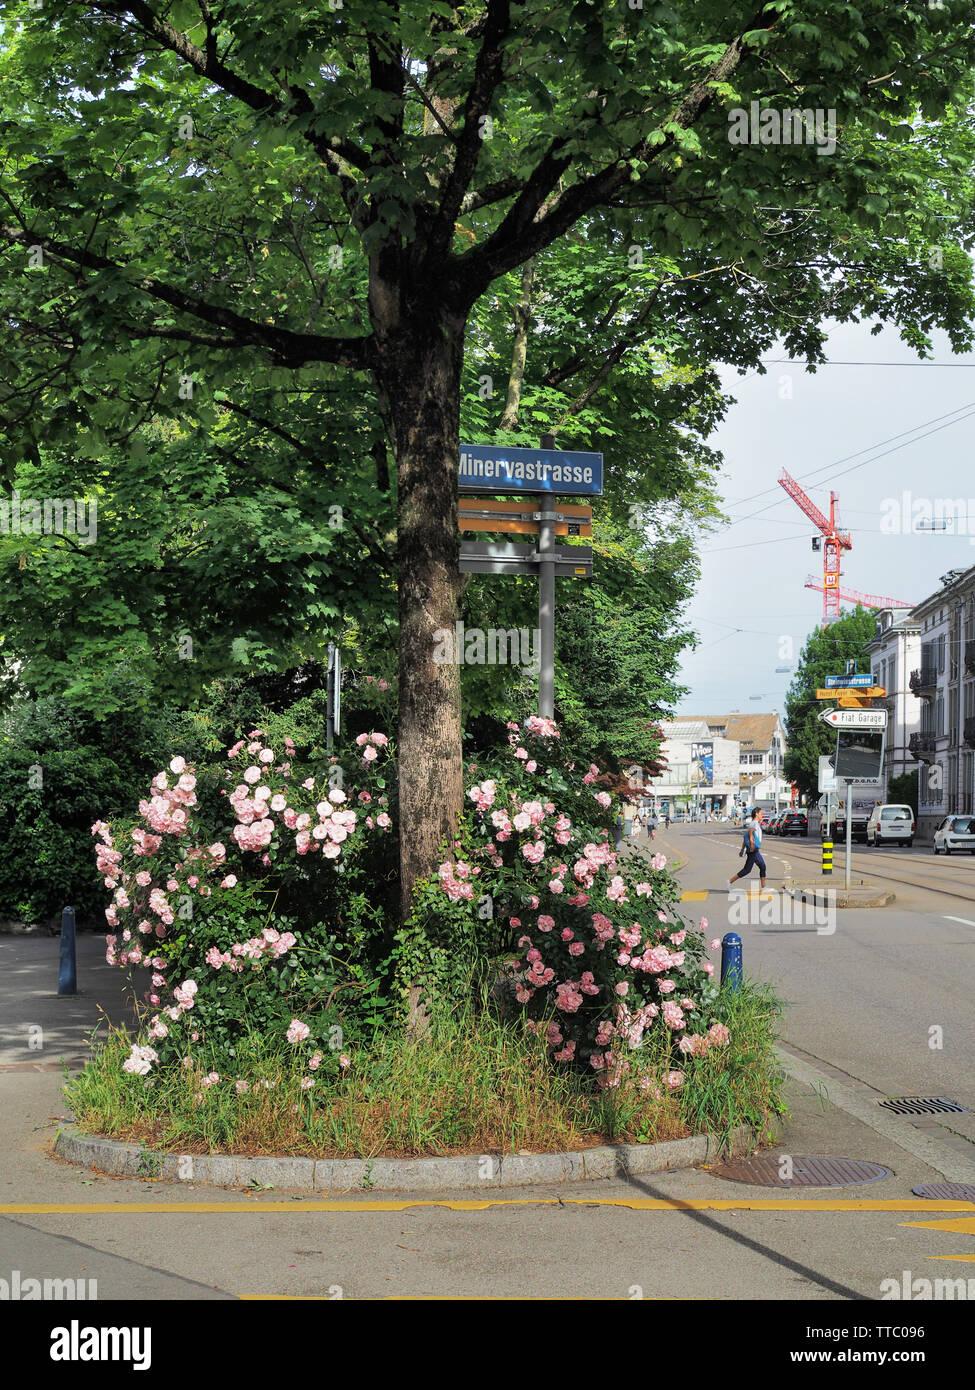 Strauchrosen auf Baumscheibe in der Stadt Zürich Immagini Stock